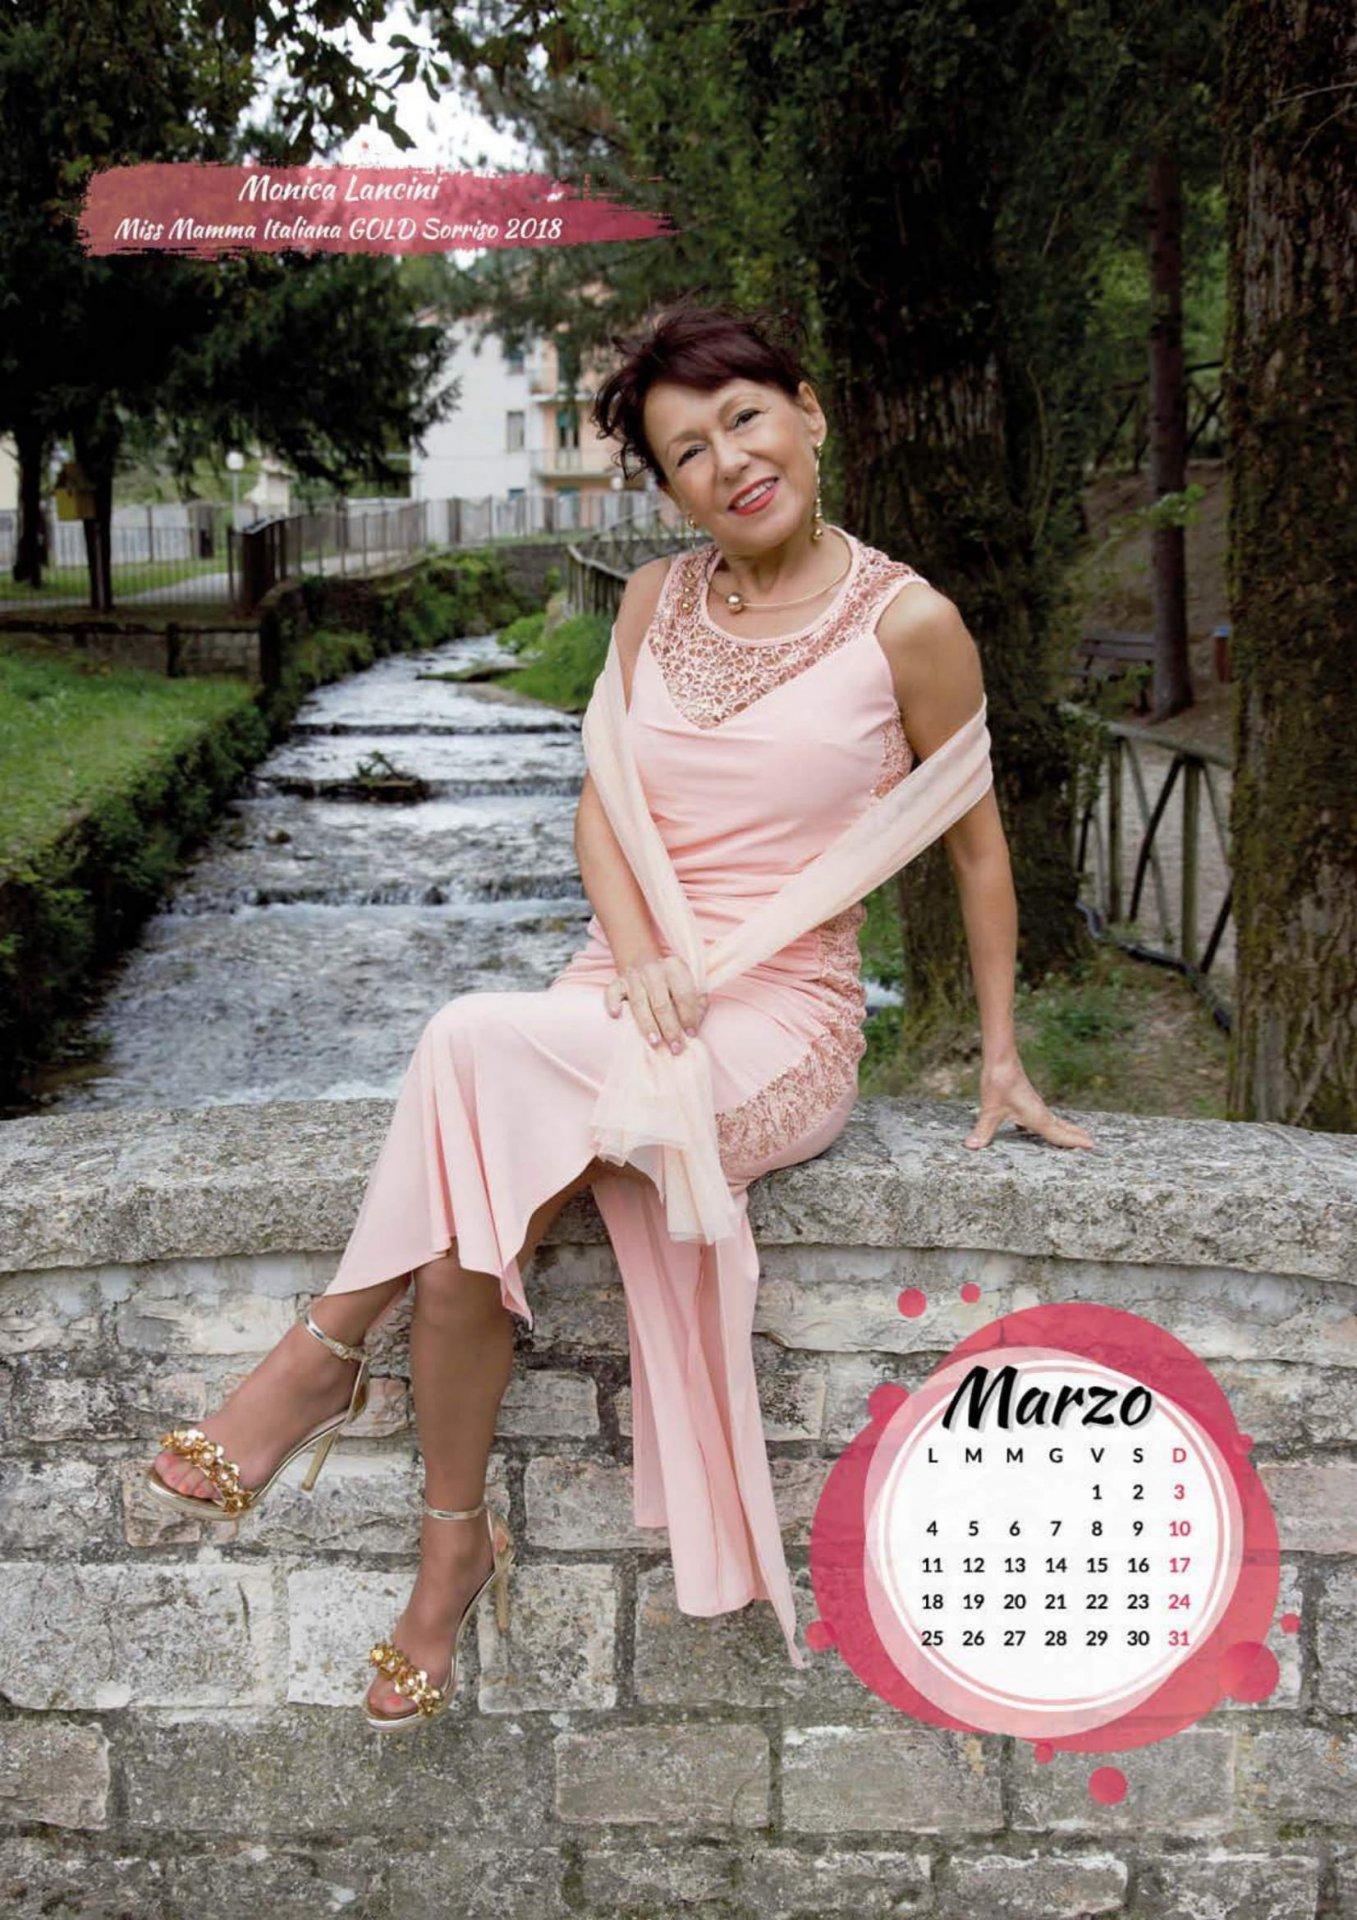 Calendario Casalinghe Pordenone.Dopo Miss Nonna E La Volta Del Calendario 2019 Di Miss